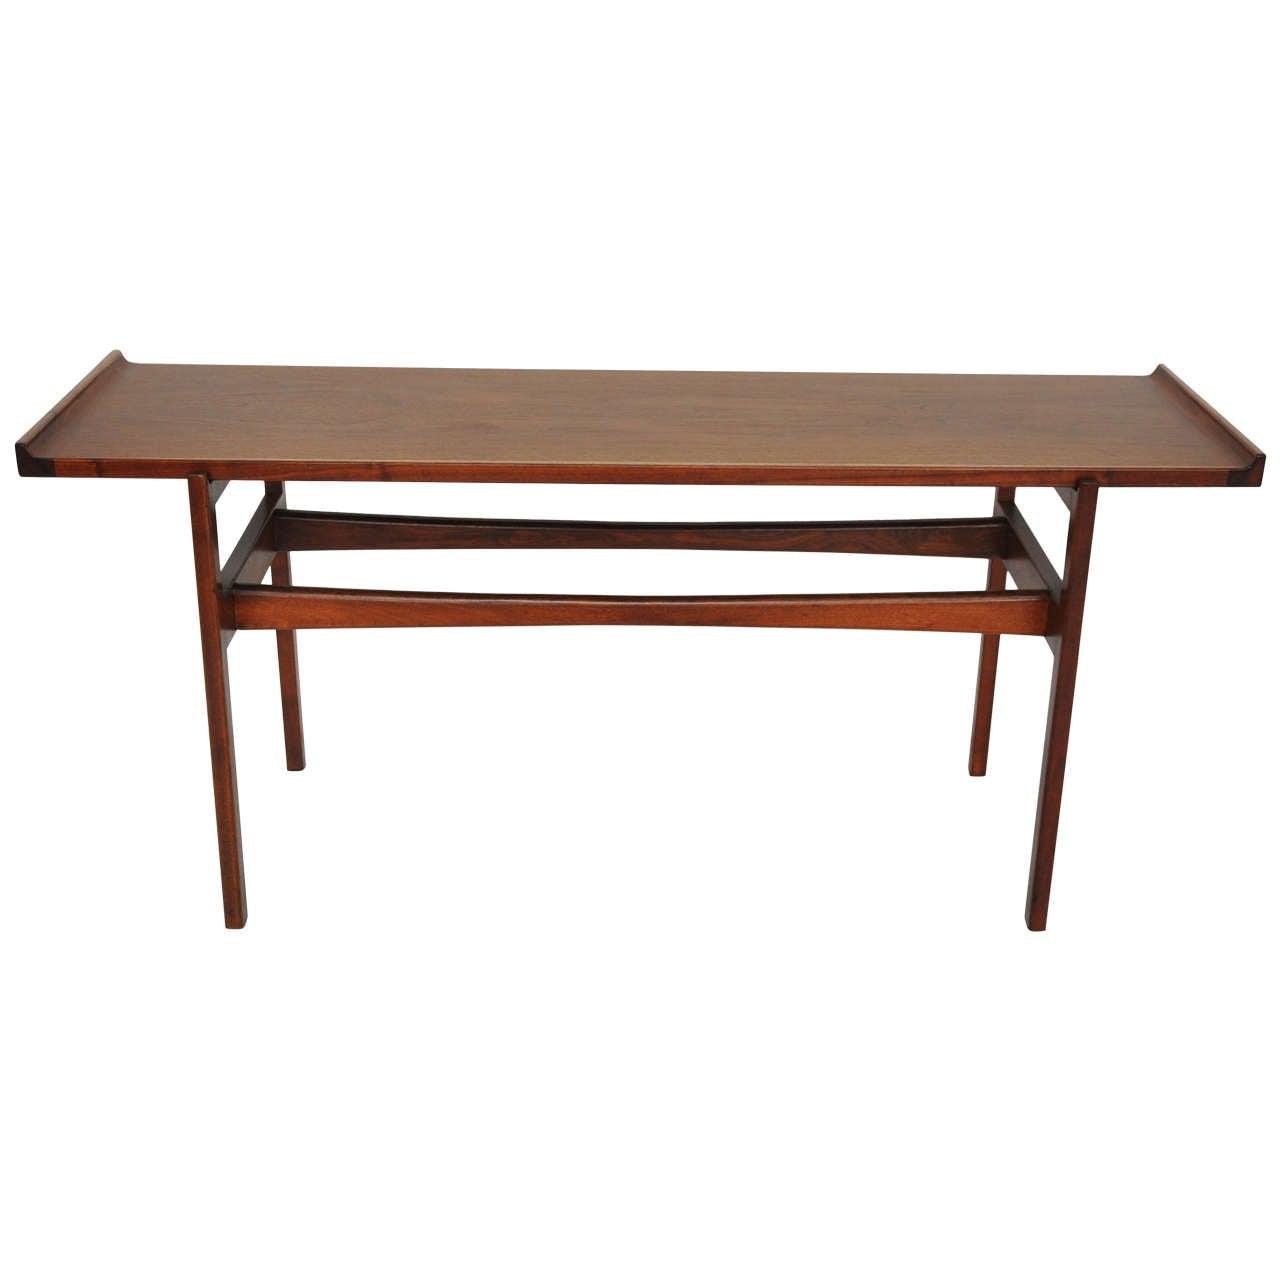 Jens risom walnut console table at 1stdibs jens risom walnut console table 1 geotapseo Choice Image